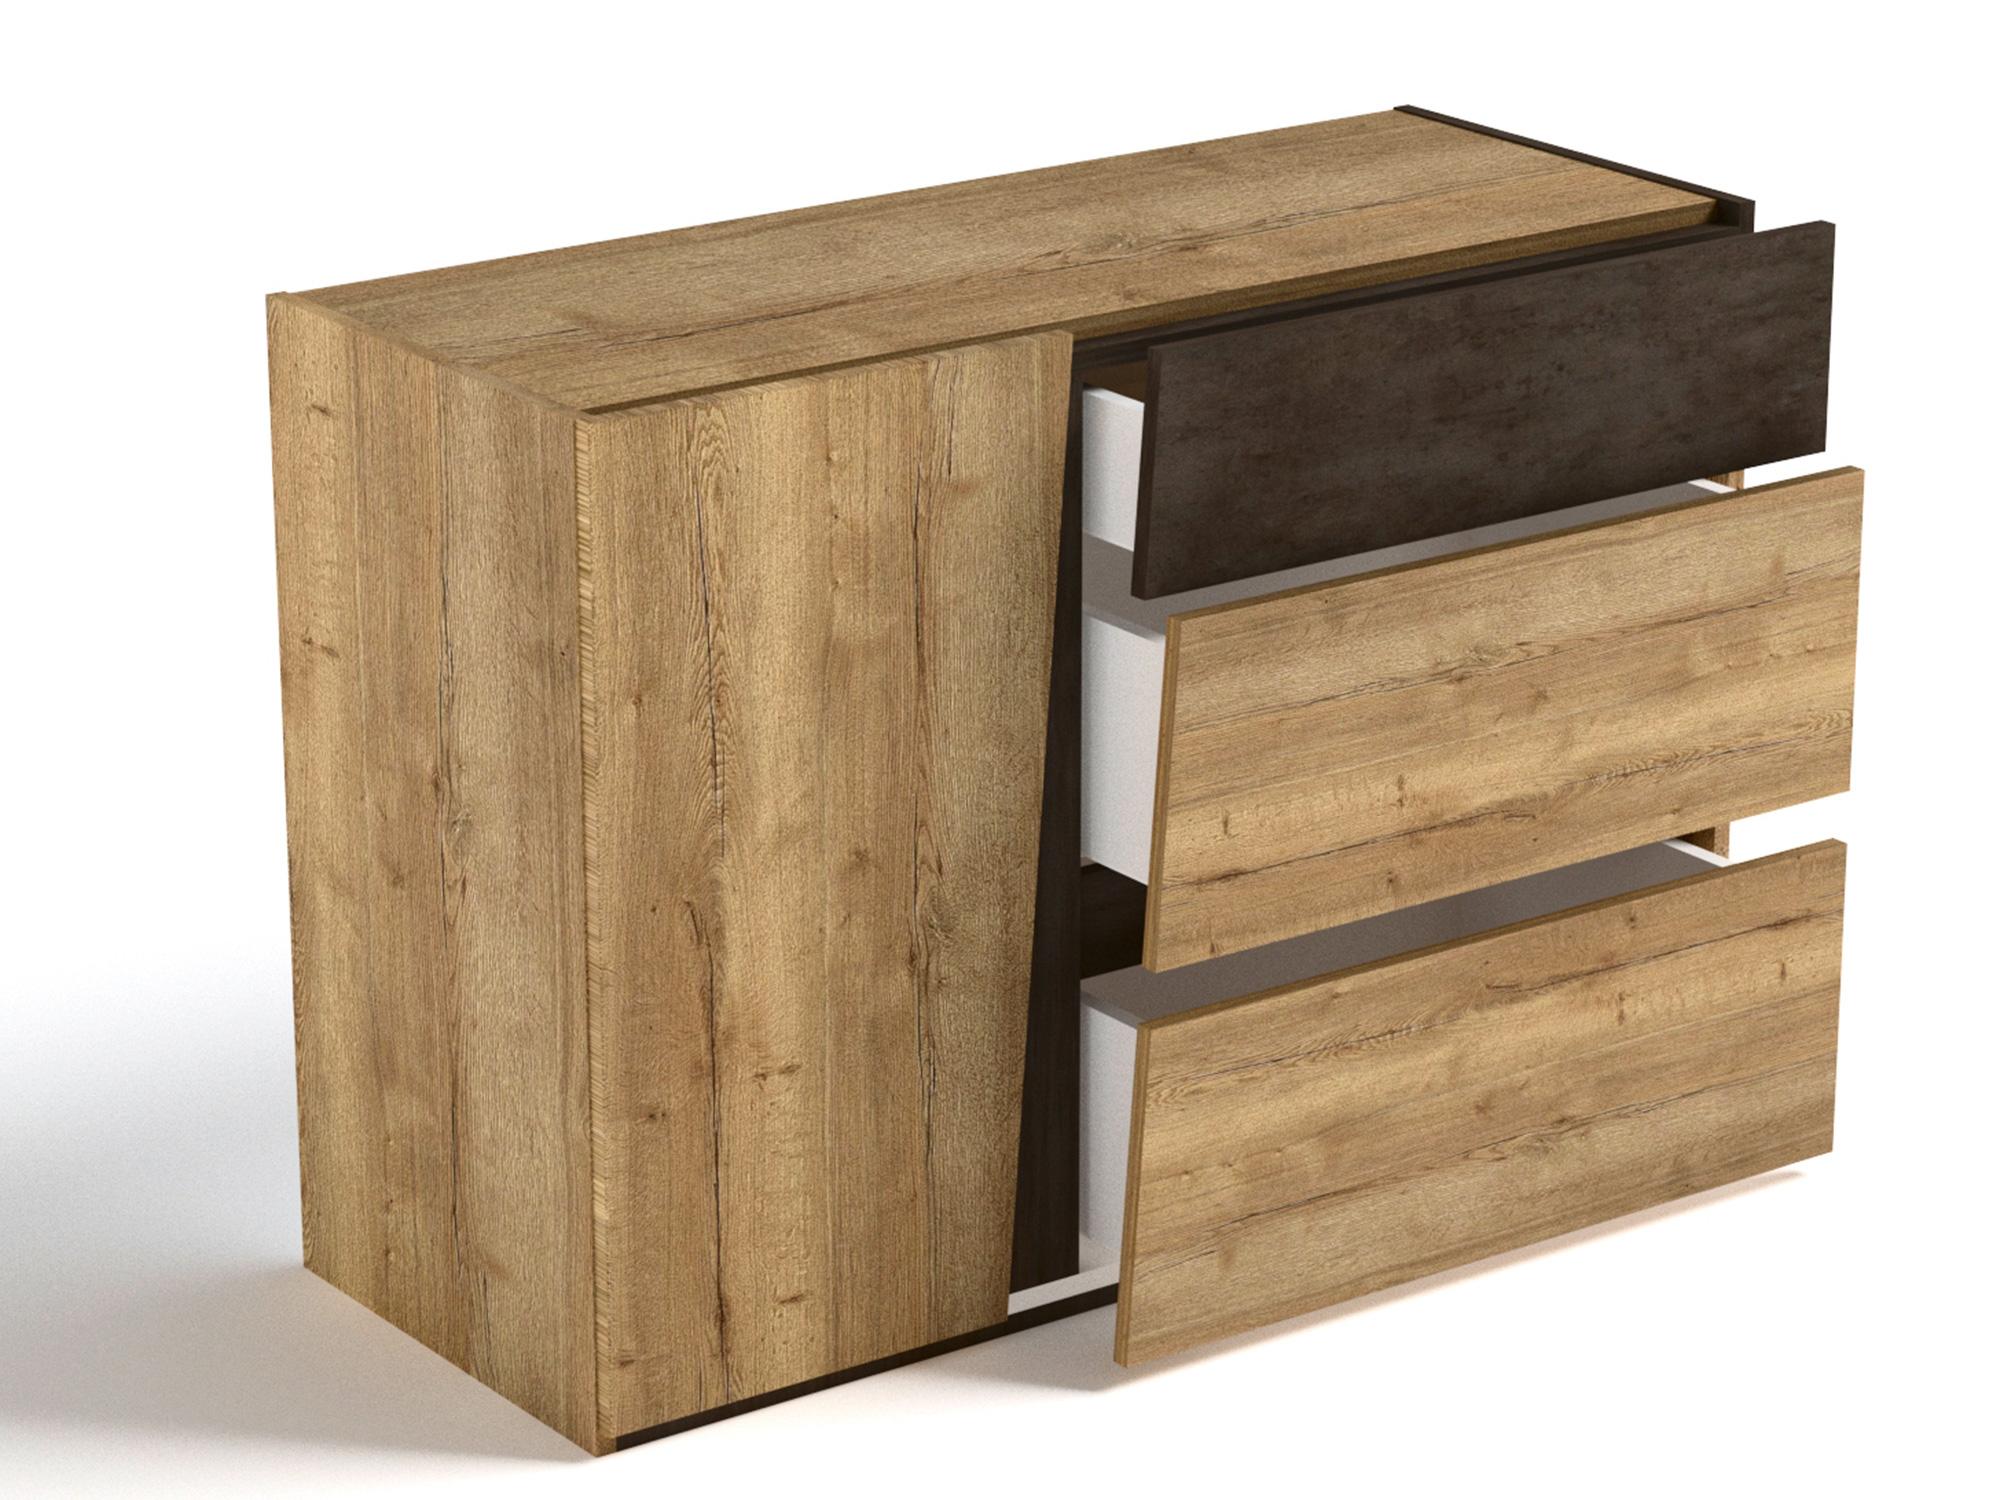 Фото - Комод малый Стреза Дуб Галифакс натуральный, Бетон чикаго шкаф однодверный стреза дуб галифакс натуральный бетон чикаго